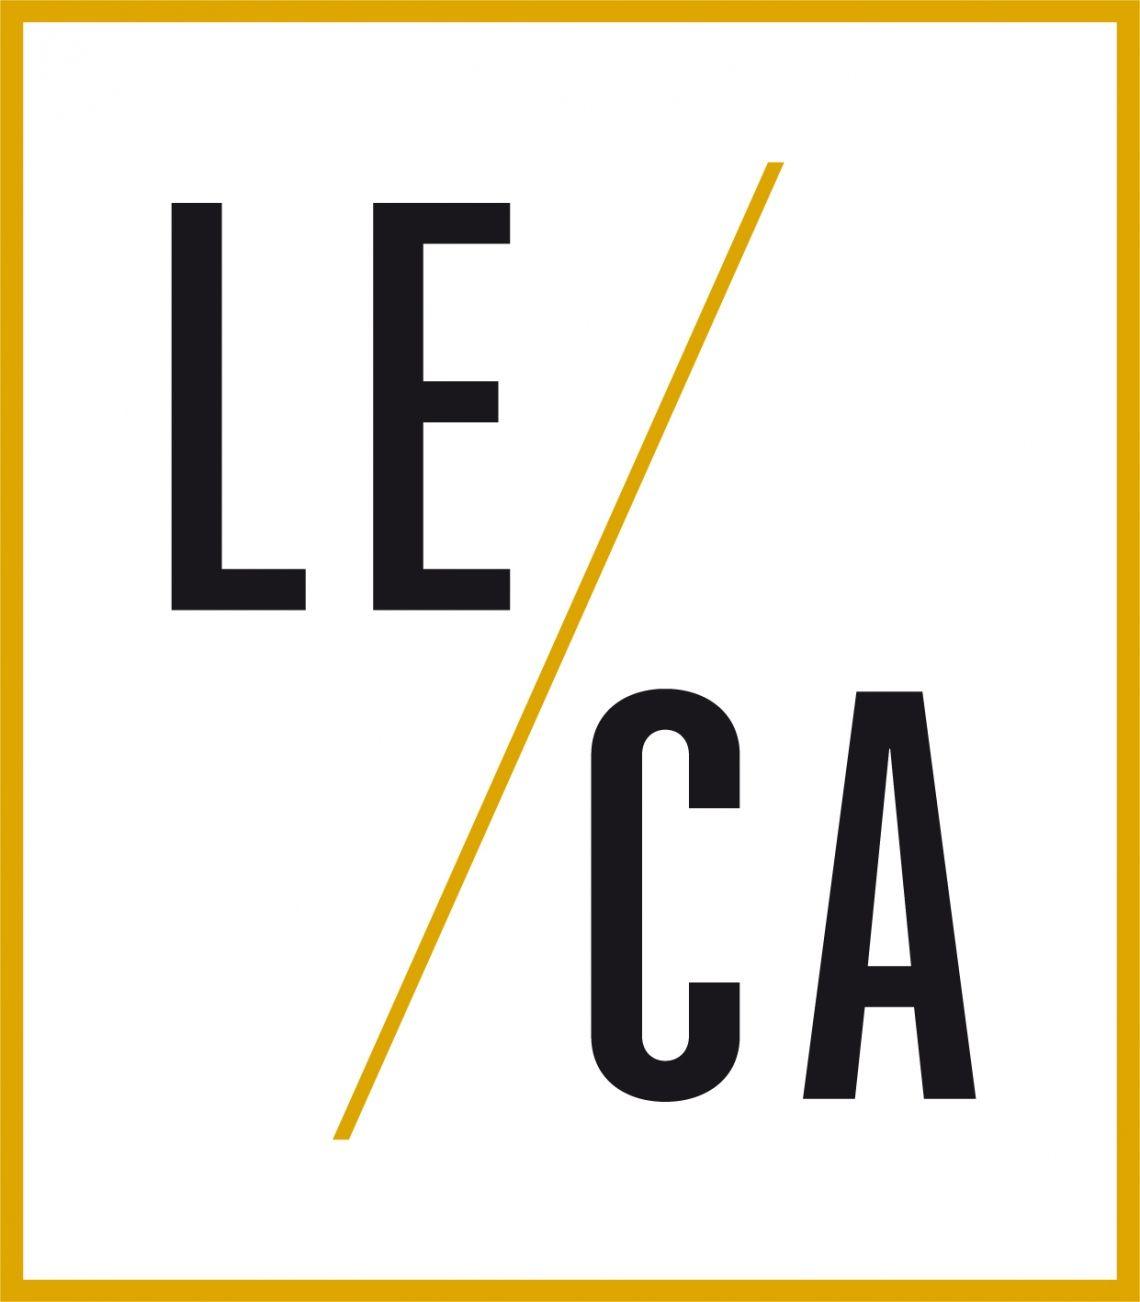 Große Küche gehört zum Kulturgut - LECA unterstützt die Aussagen von Christian Bau